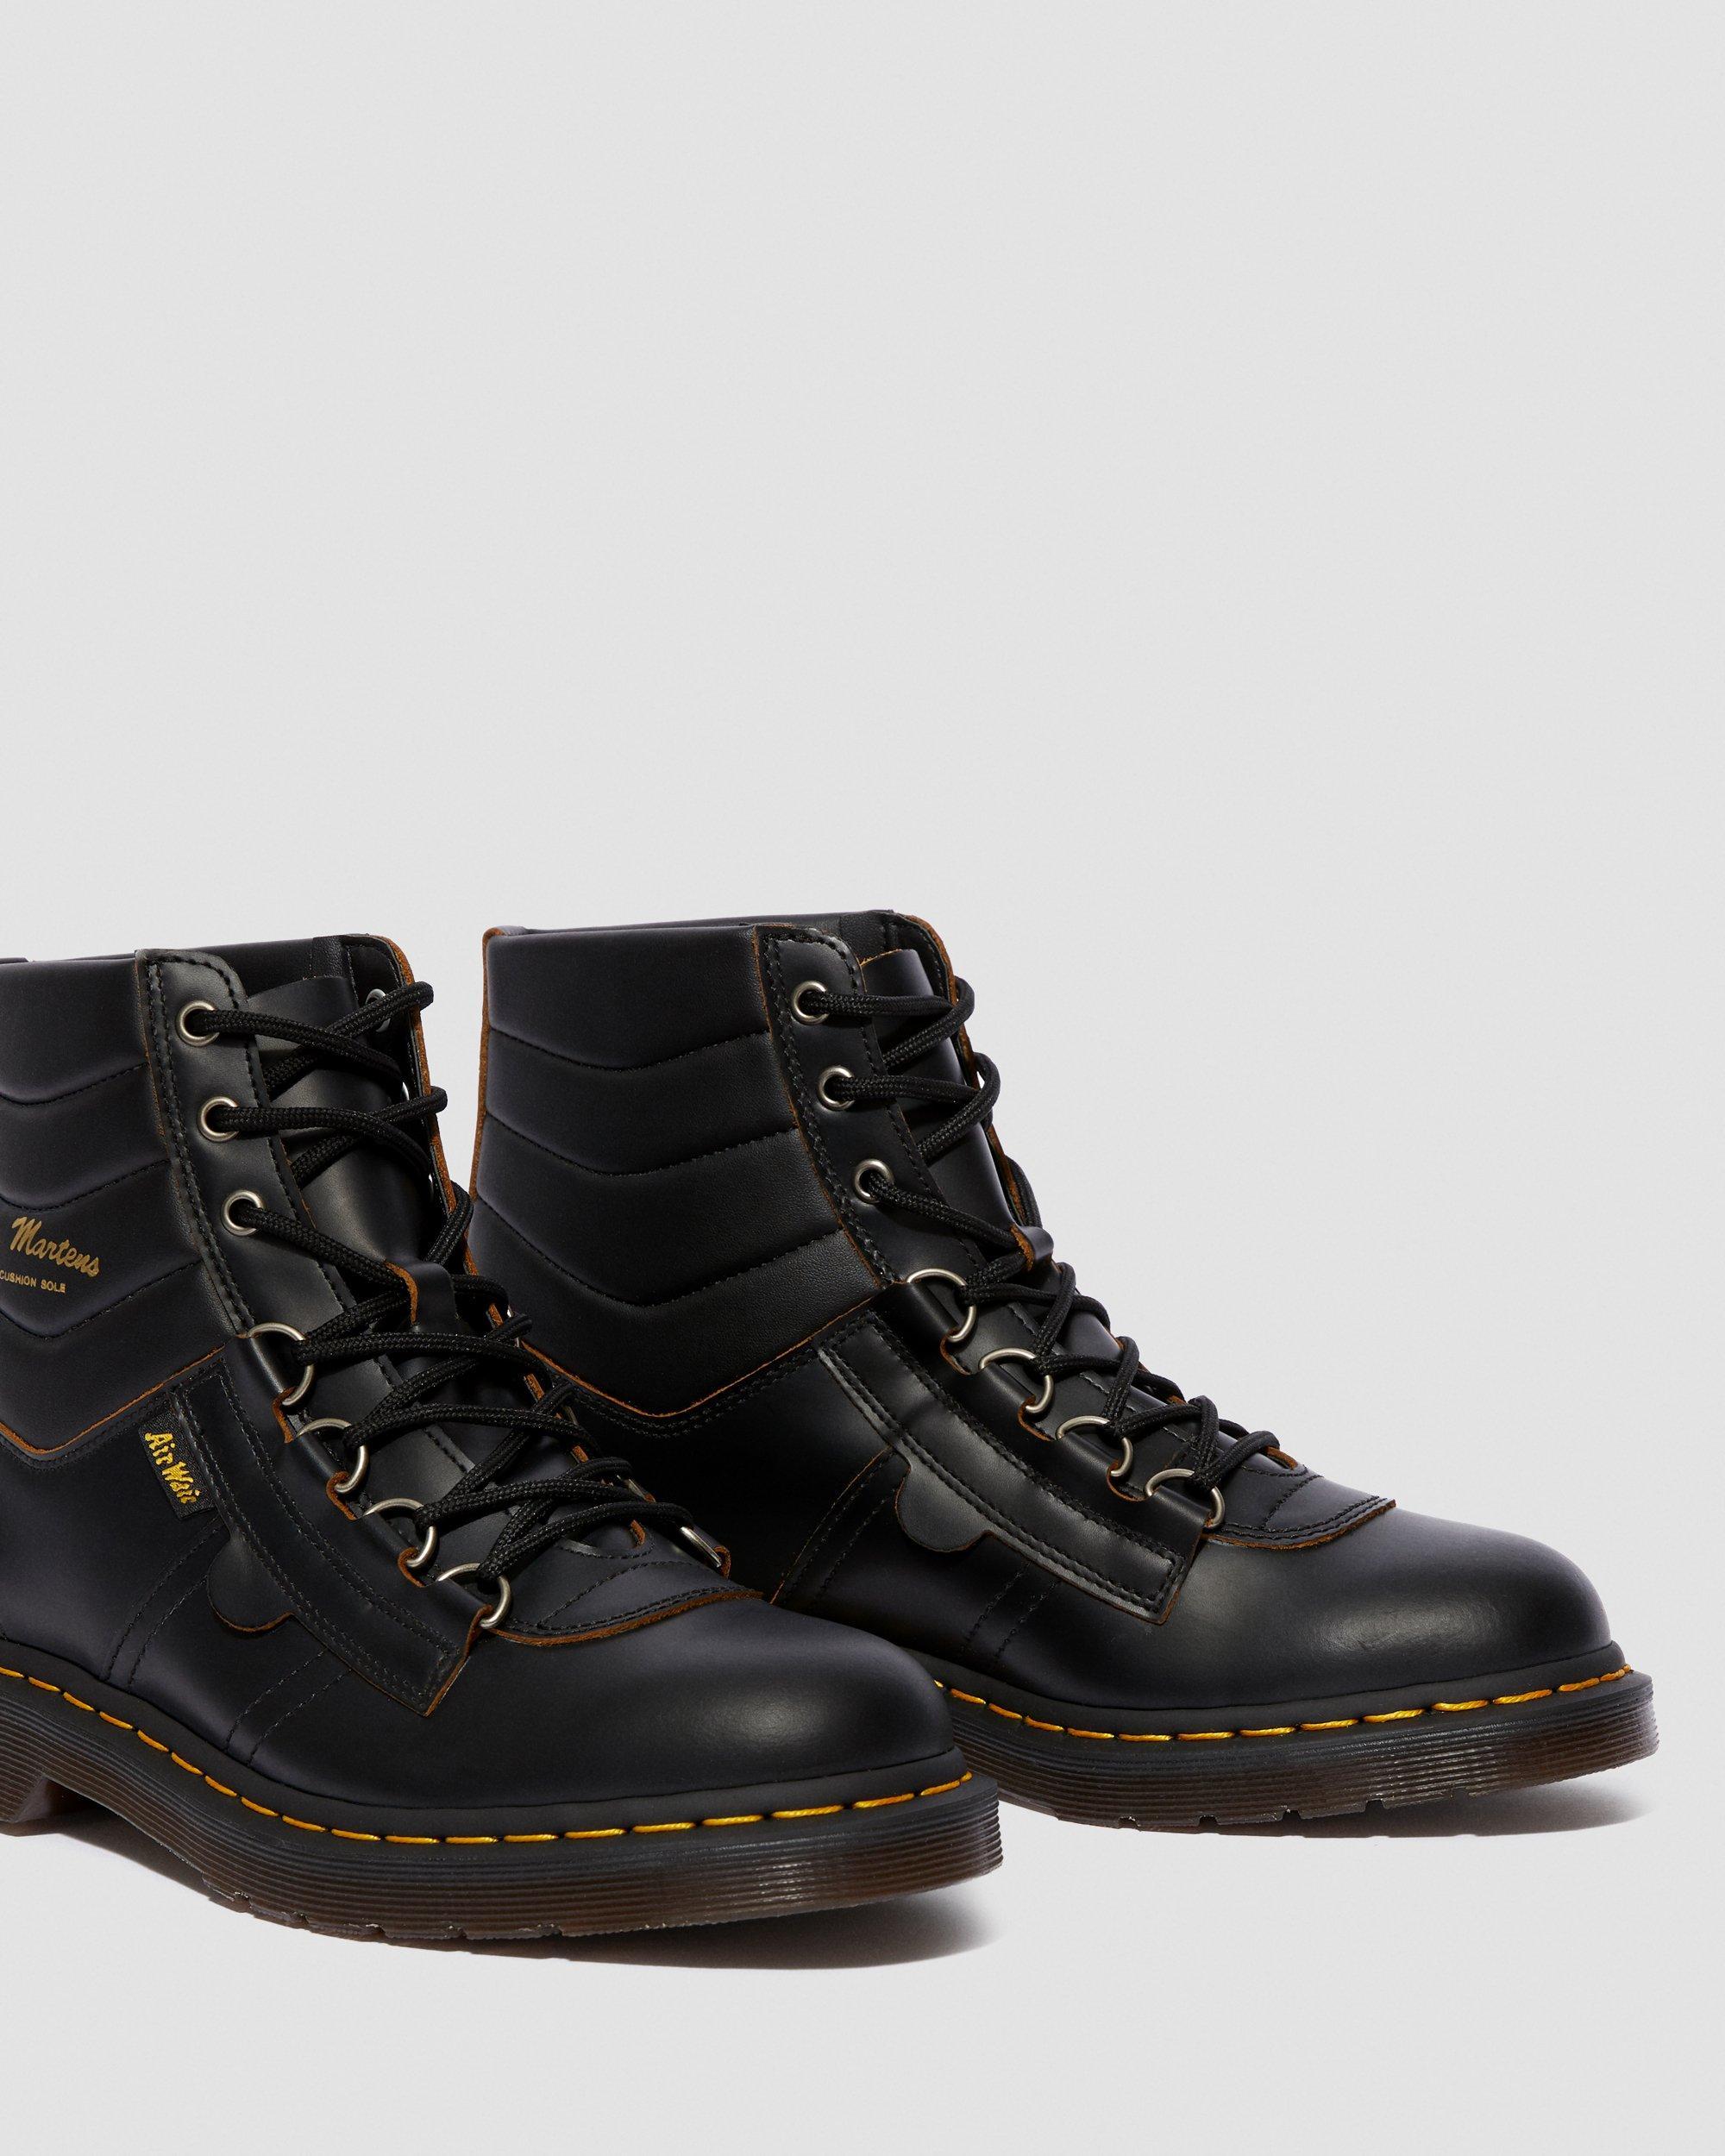 merktekens van leren laarzen